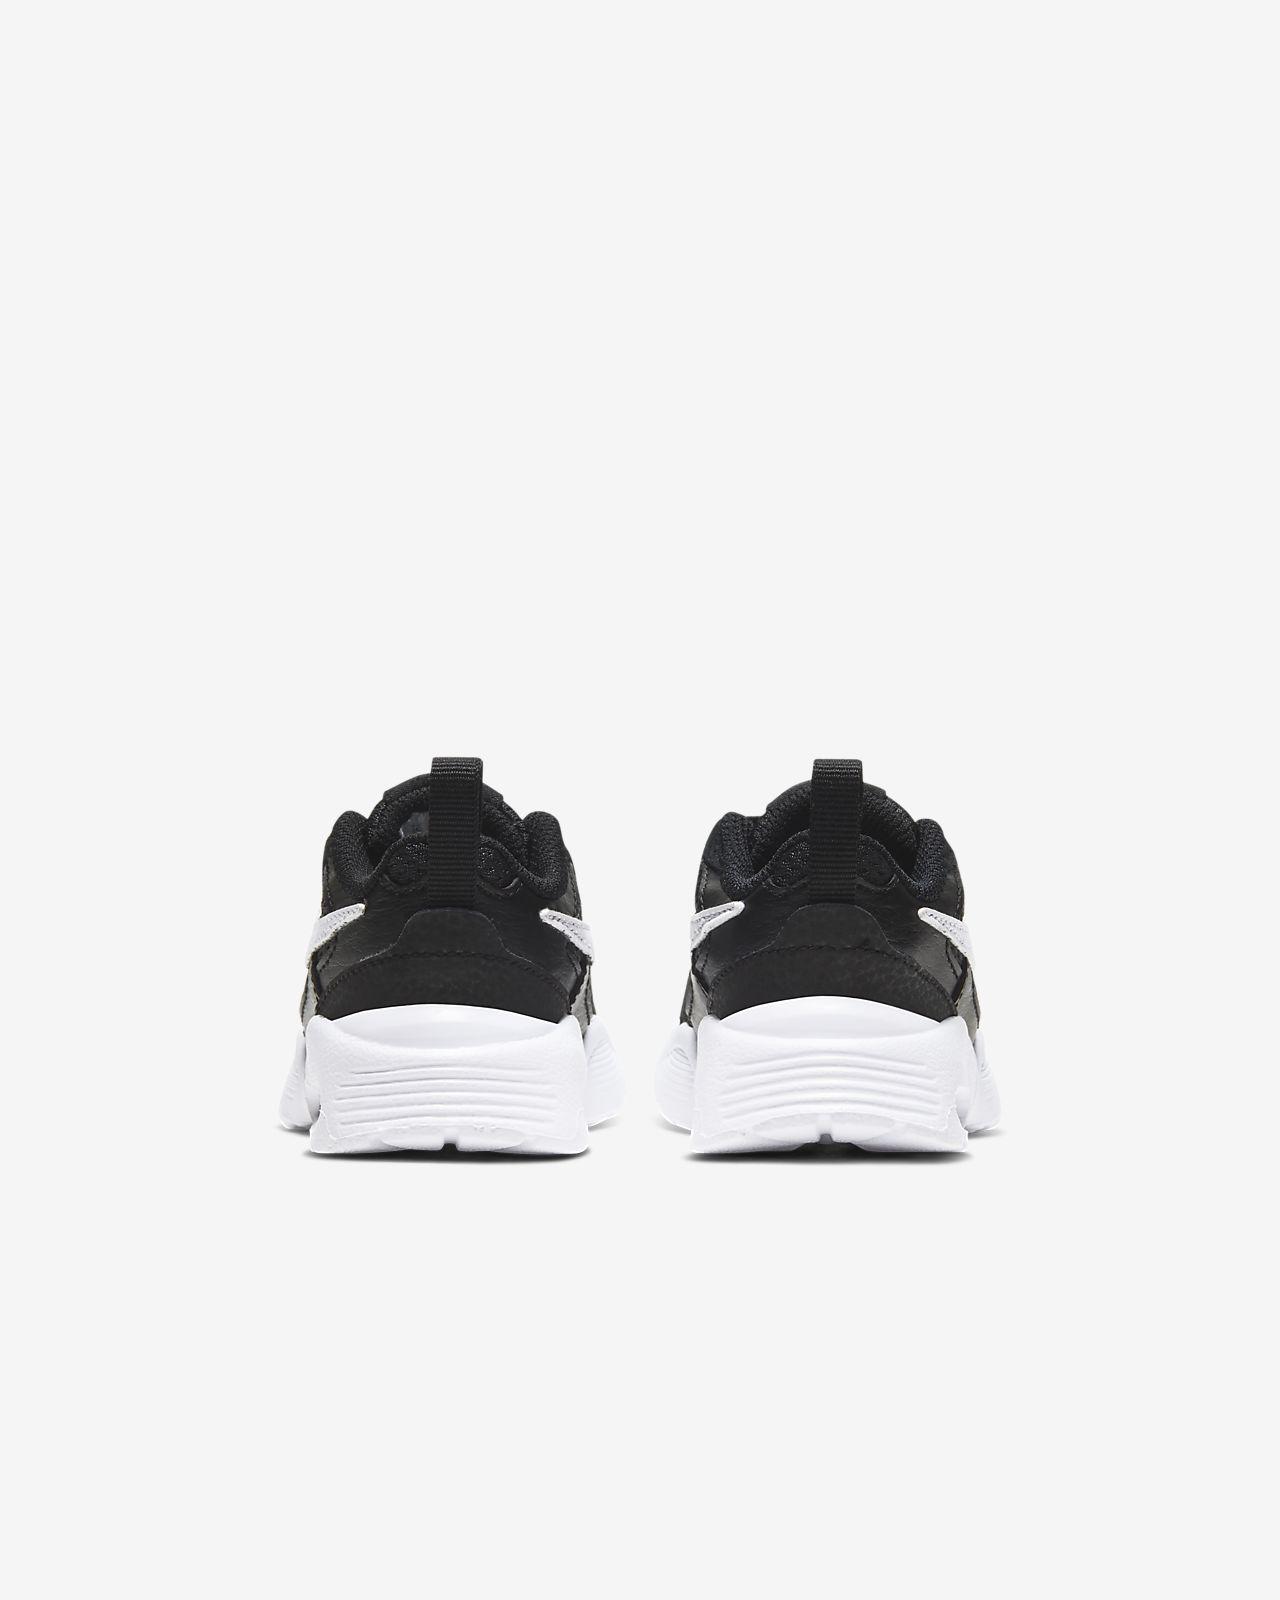 Sko Nike Air Max Fusion för babysmå barn